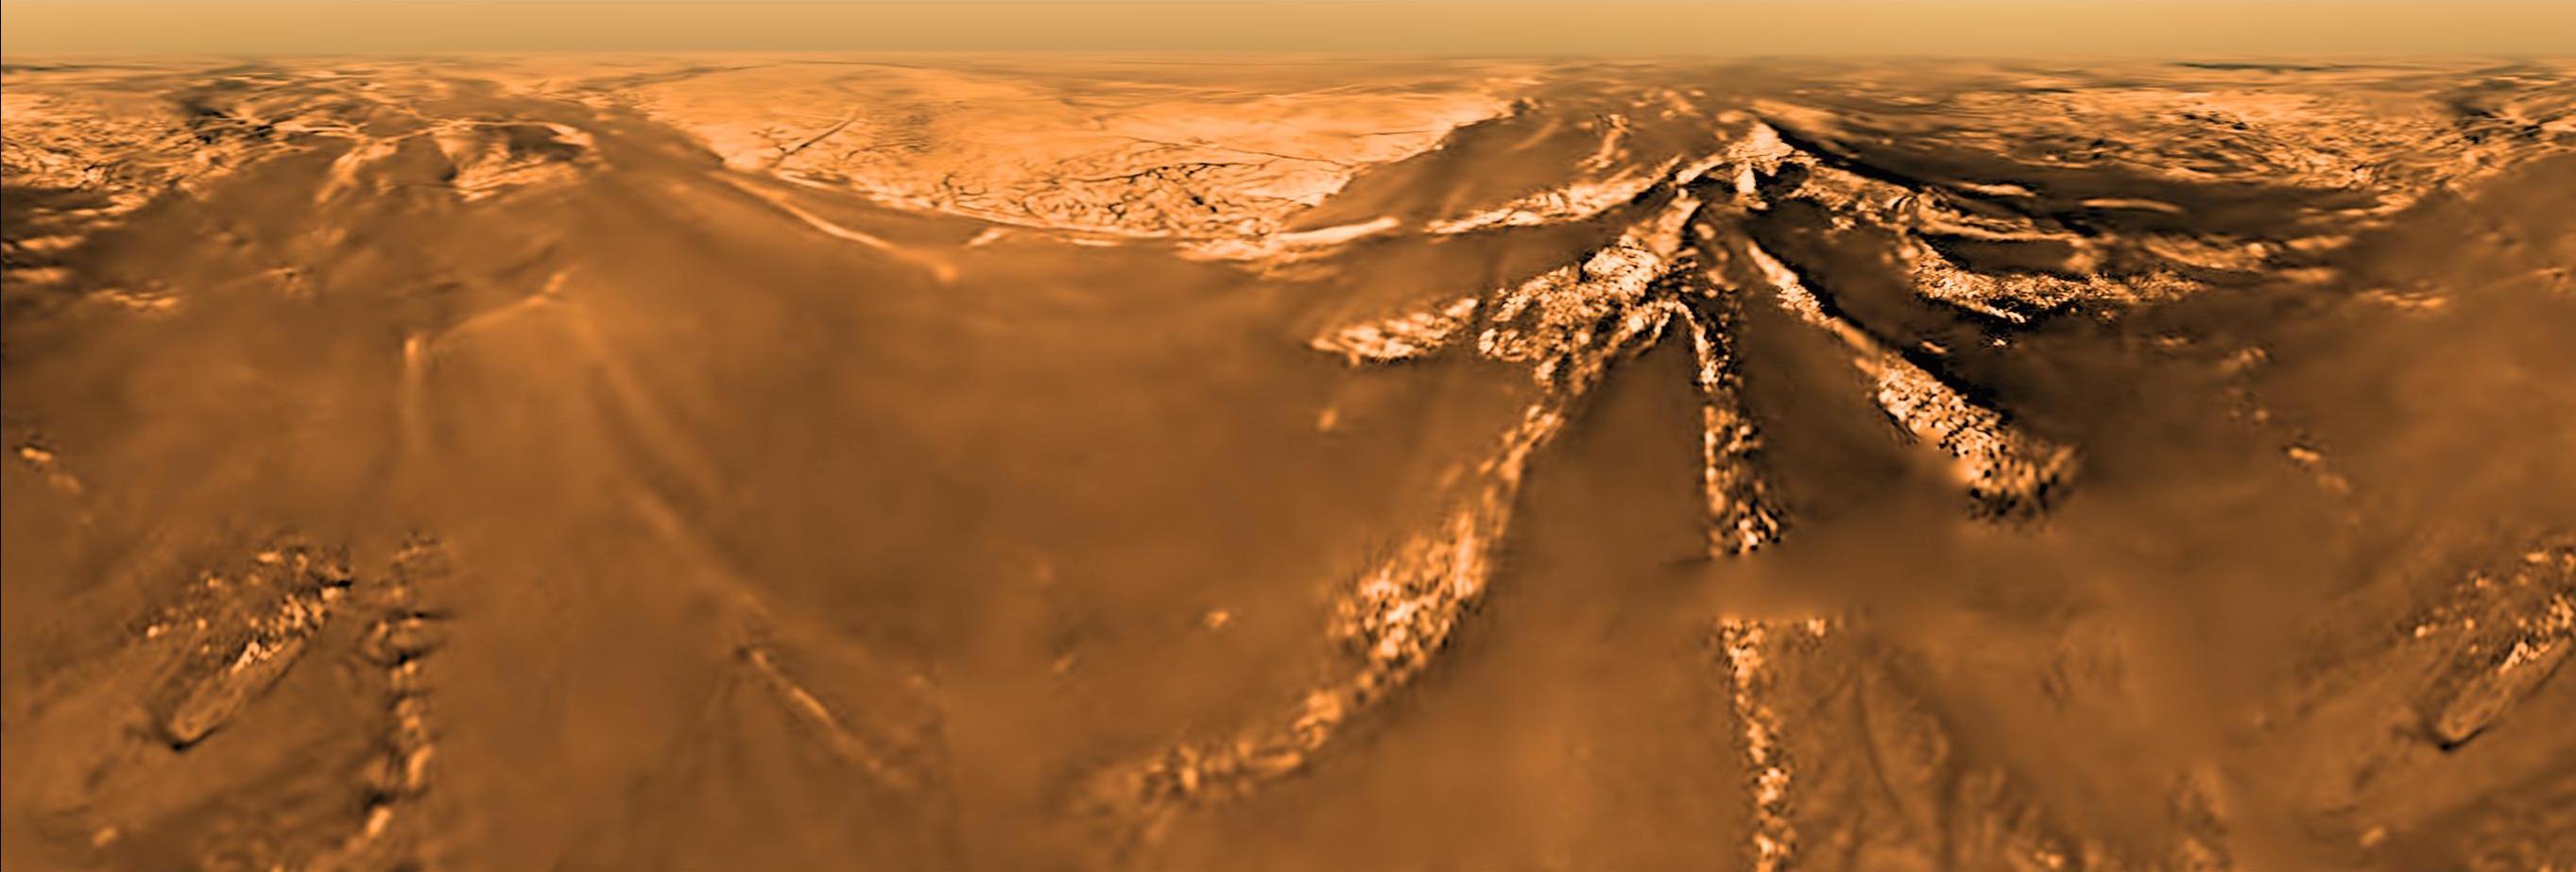 1567214448363-Huygens_Descent_to_Titan.jpg